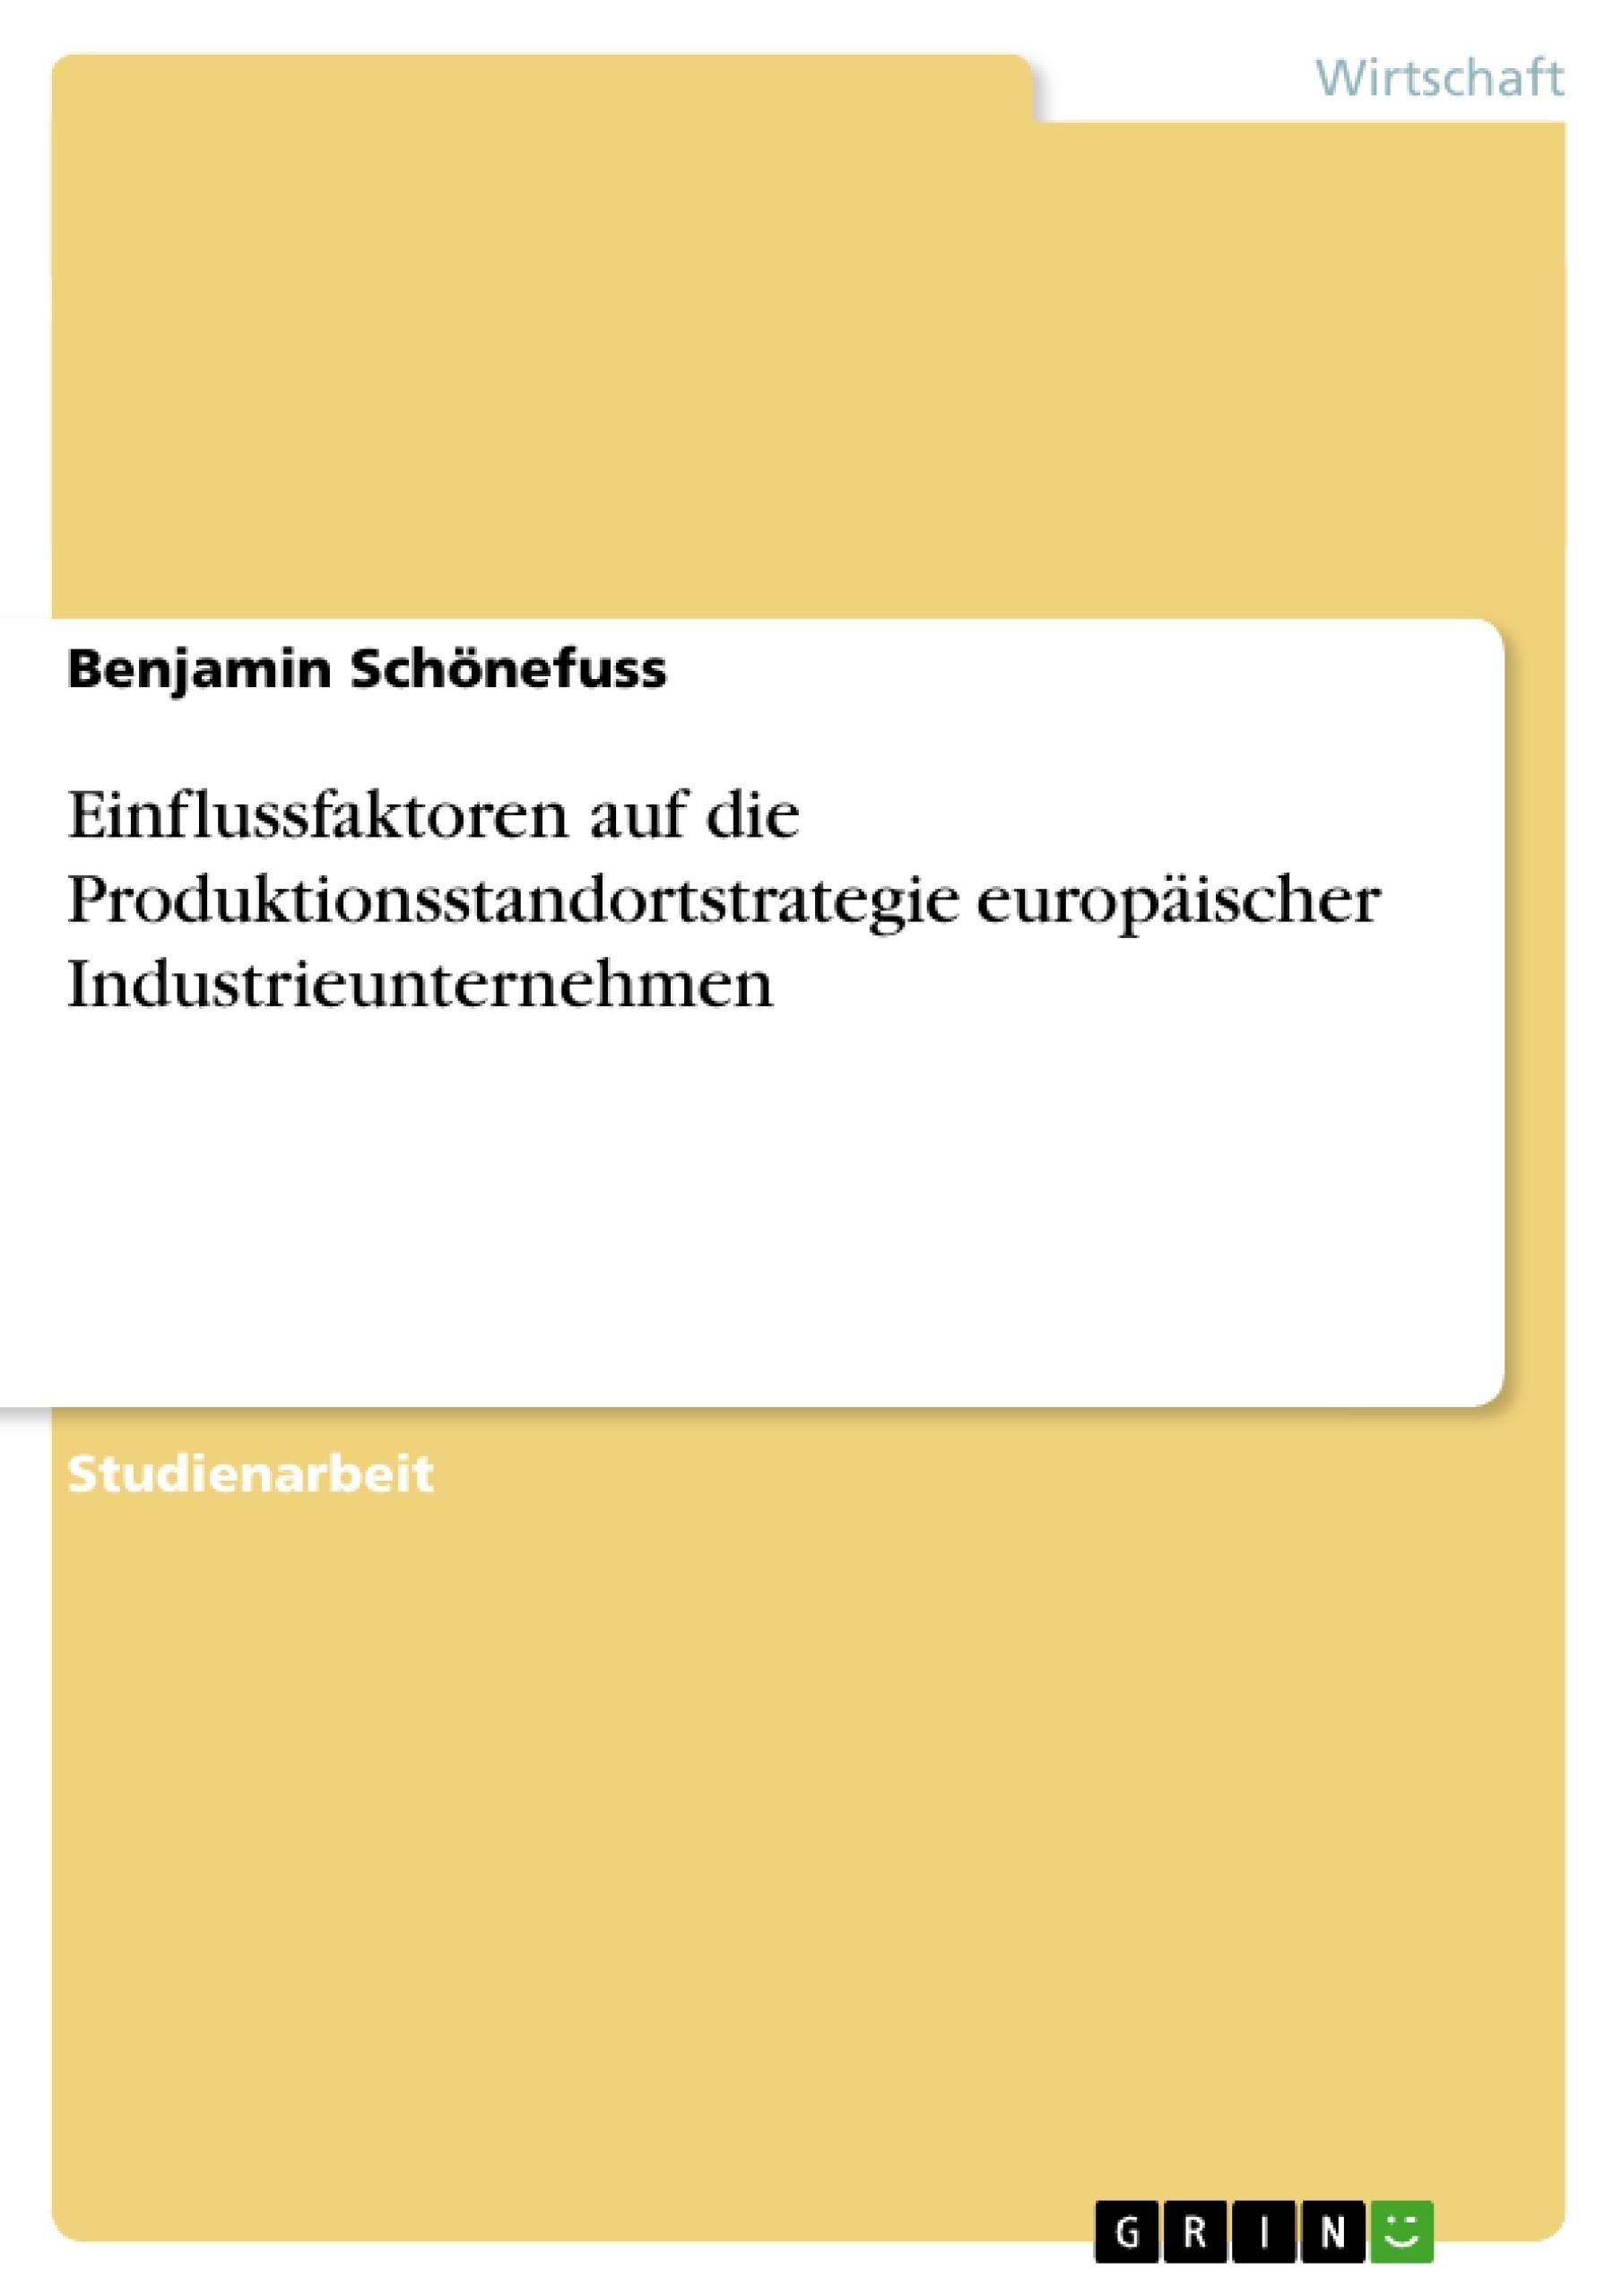 Titel: Einflussfaktoren auf die Produktionsstandortstrategie europäischer Industrieunternehmen